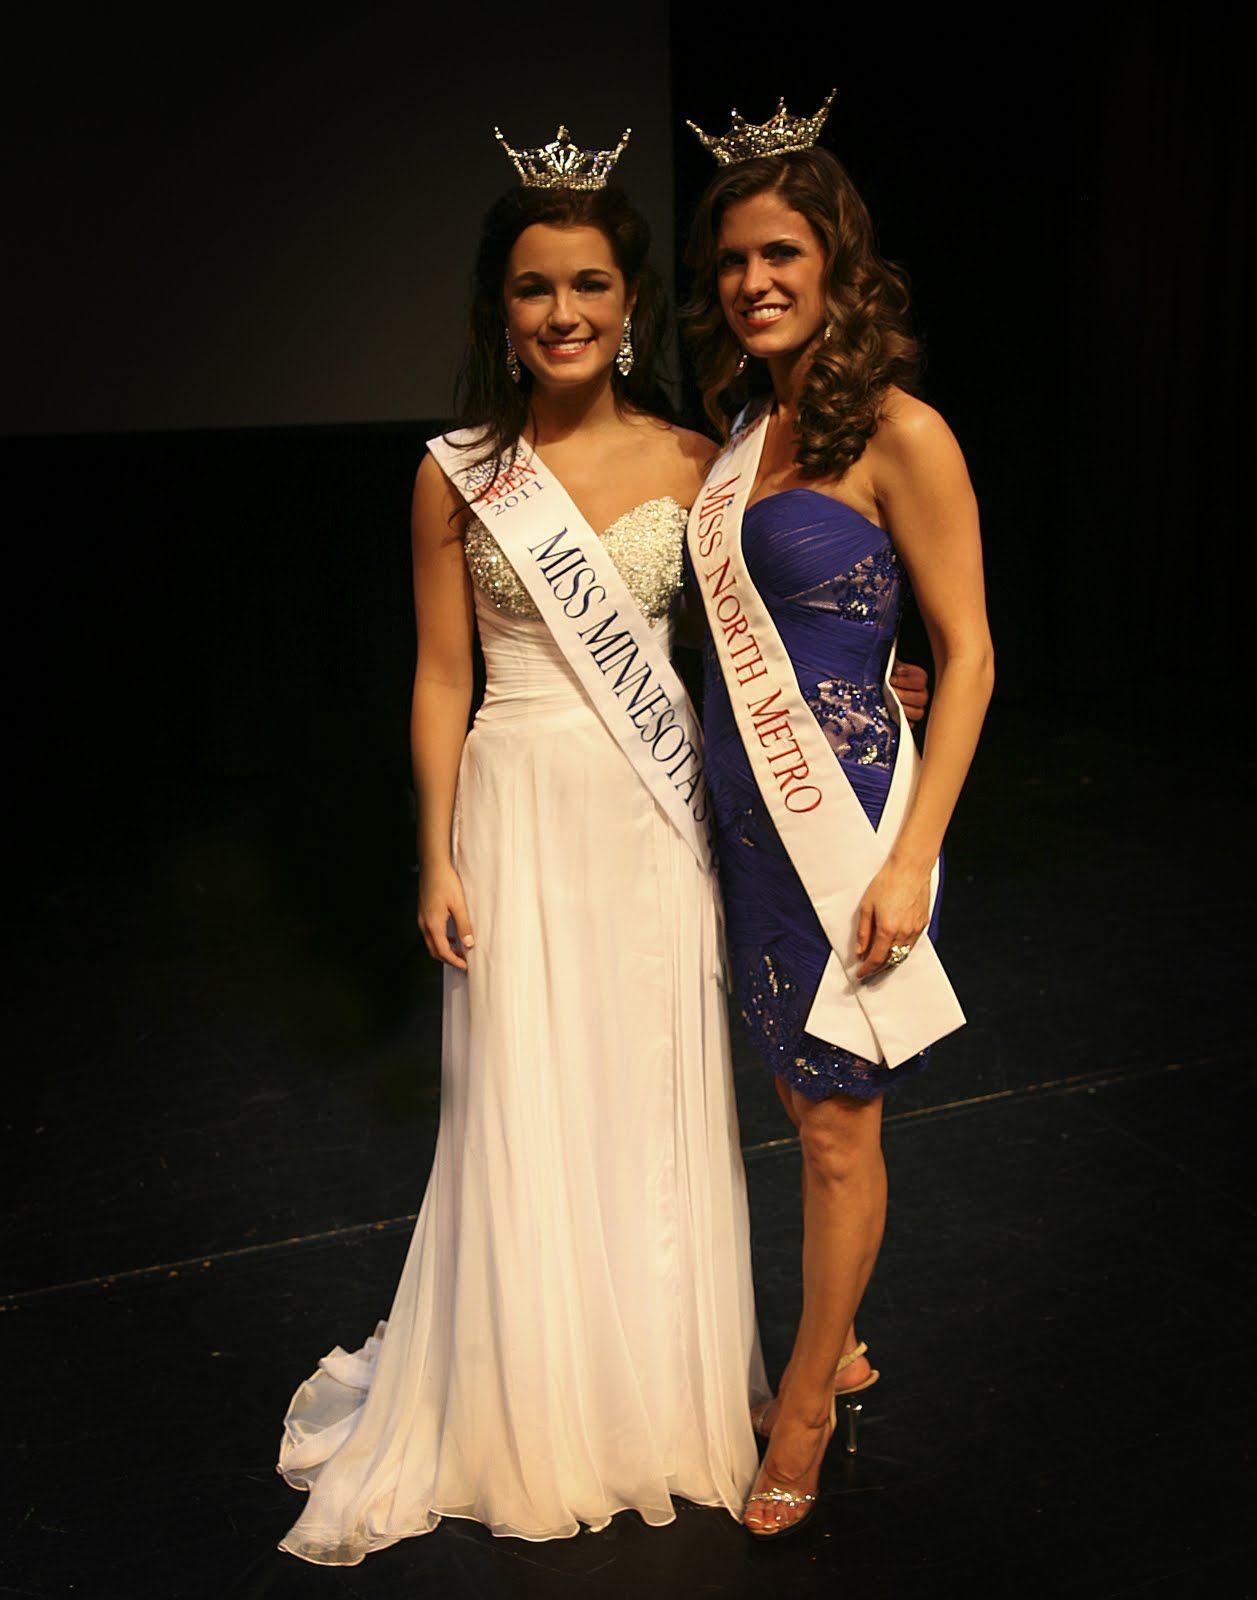 Alexis with Bethany Beniek (Miss North Metro 2011)